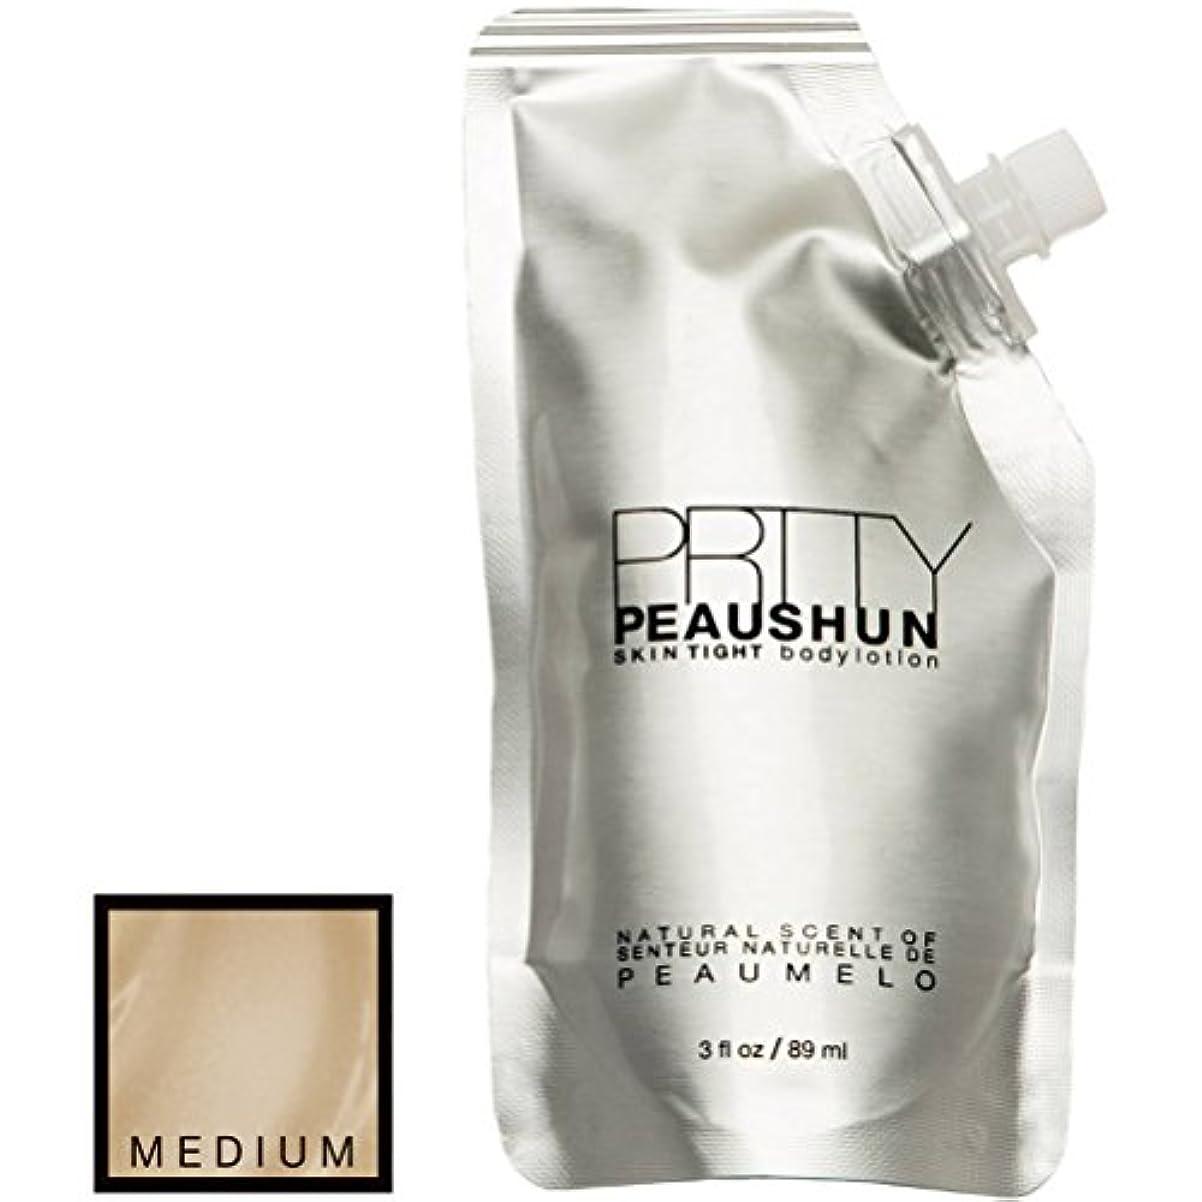 殺します課税荒れ地Prtty Peaushun Skin Tight Body Lotion - Medium by Prtty Peaushun